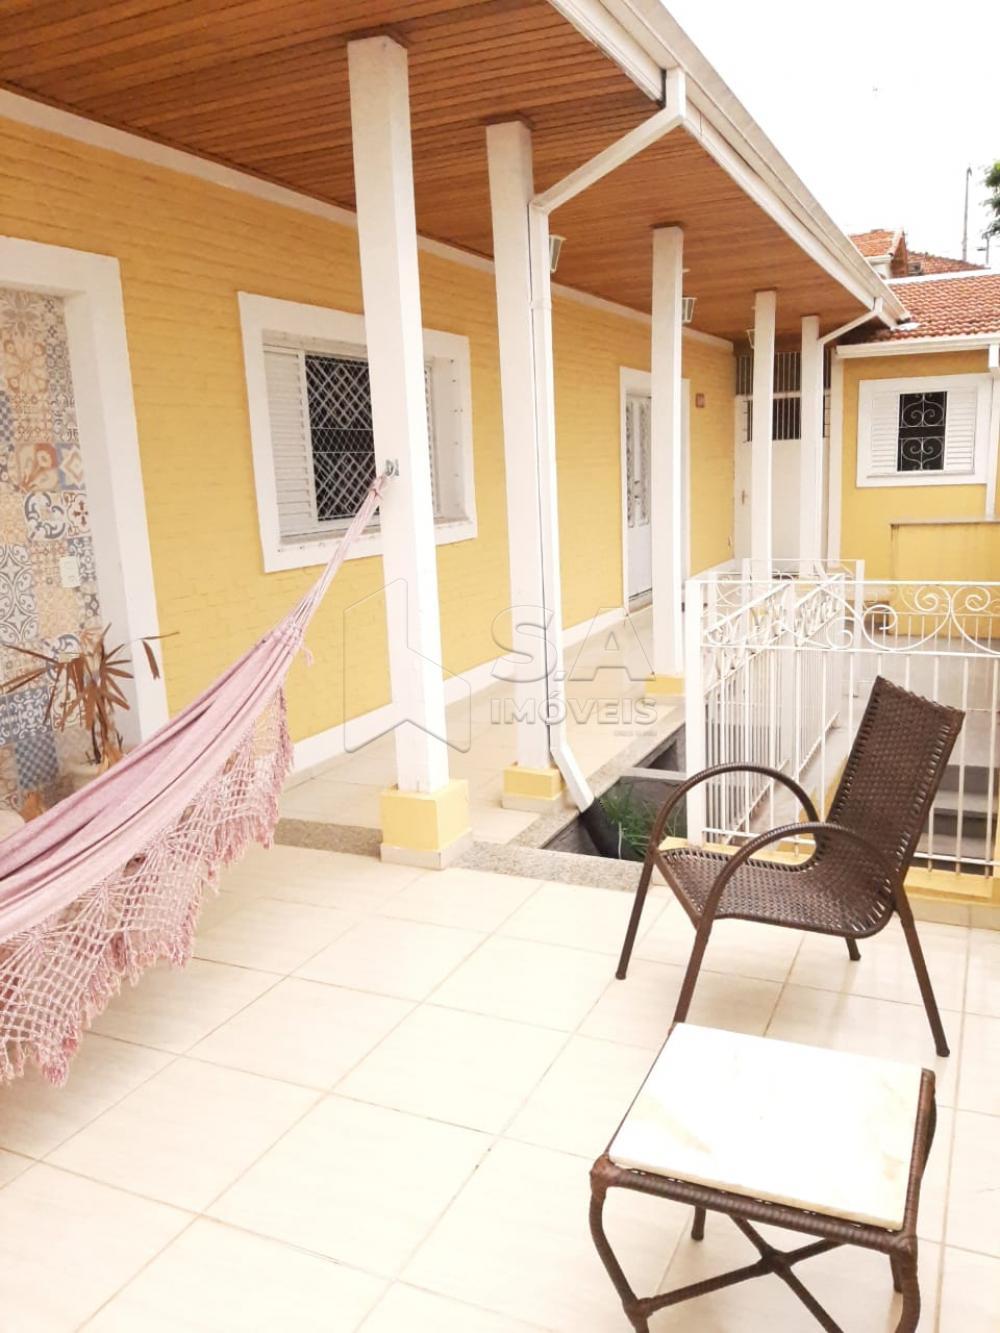 Comprar Casa / Padrão em Botucatu apenas R$ 370.000,00 - Foto 6